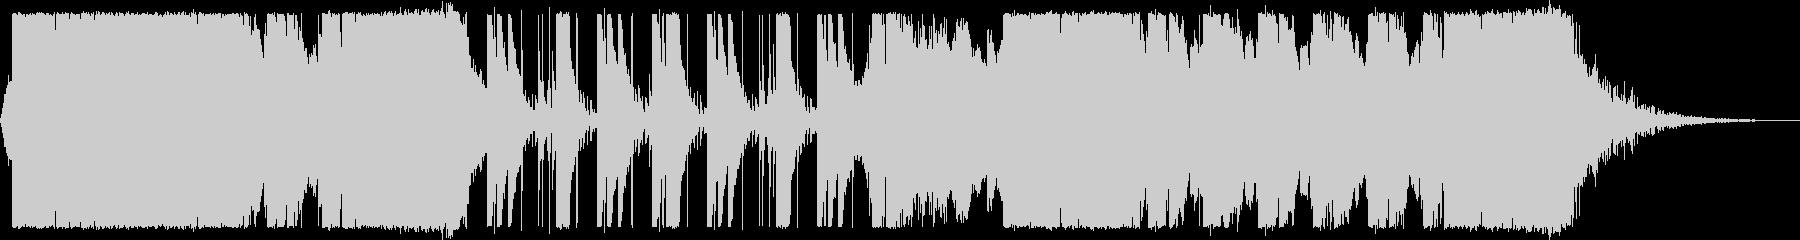 激しく緊迫感のあるバトルシーン系BGMの未再生の波形